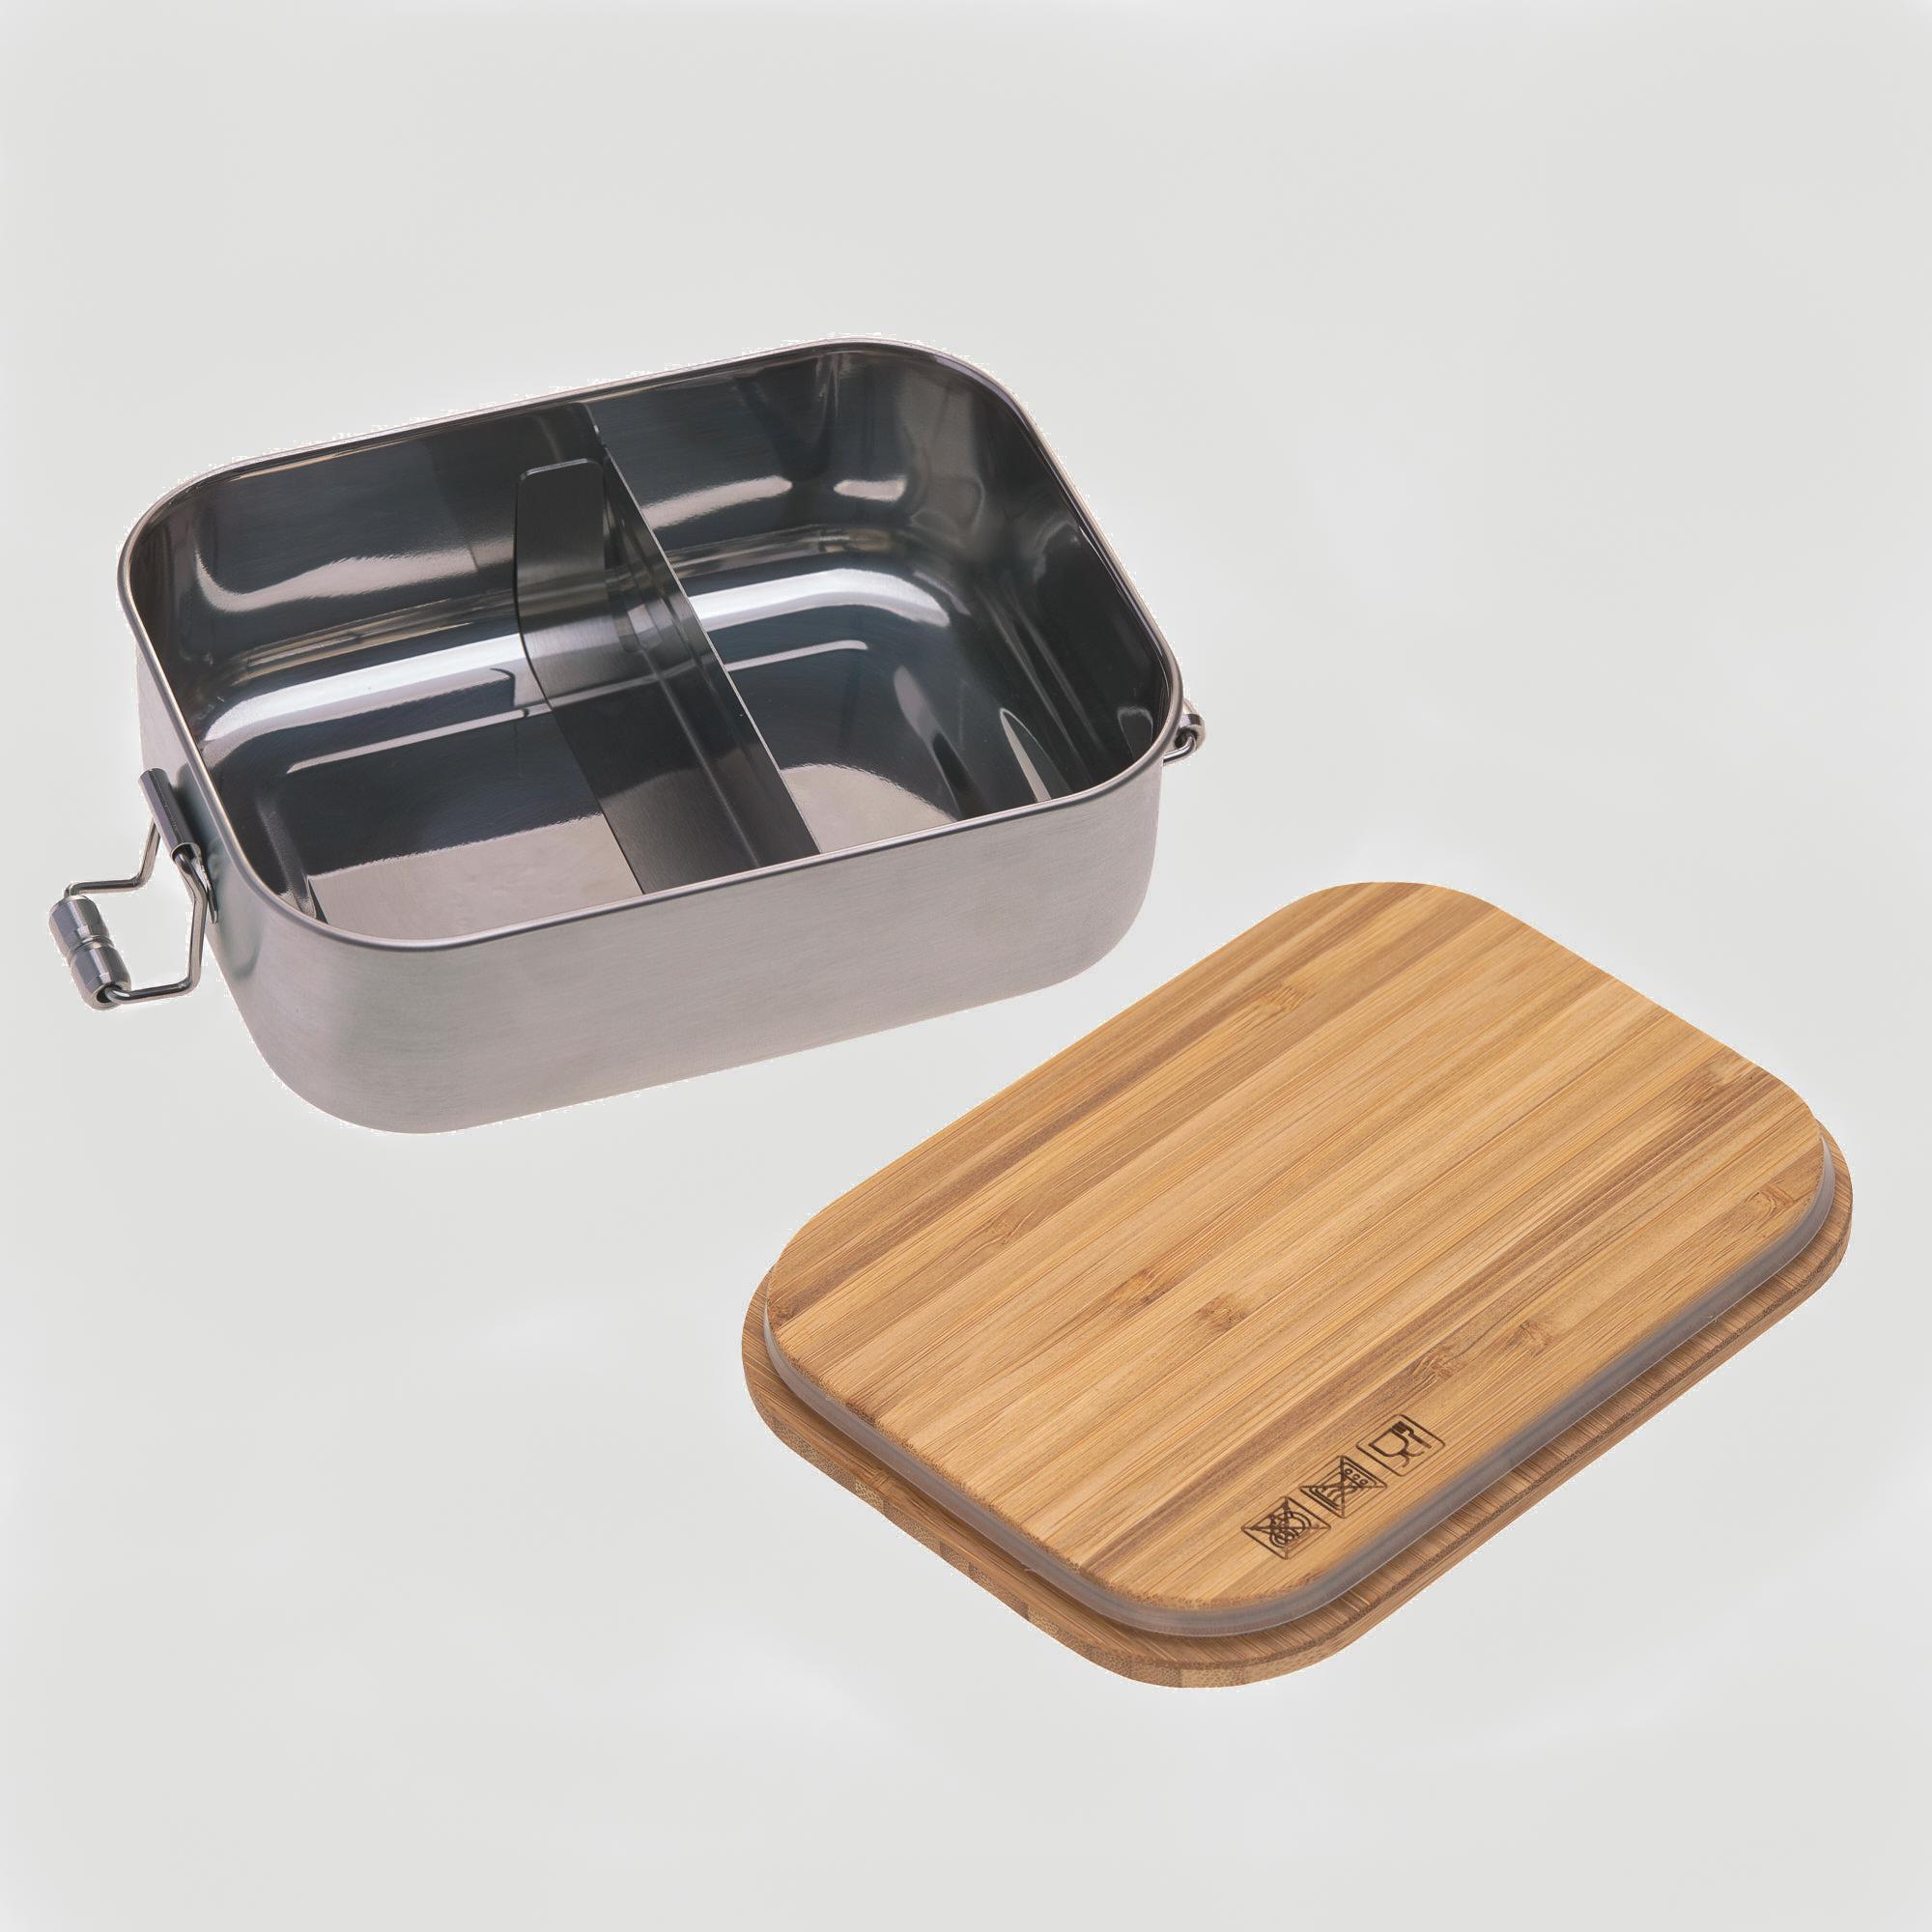 Kinder Lunchbox aus Edelstahl mit Bambusdeckel geöffnet.